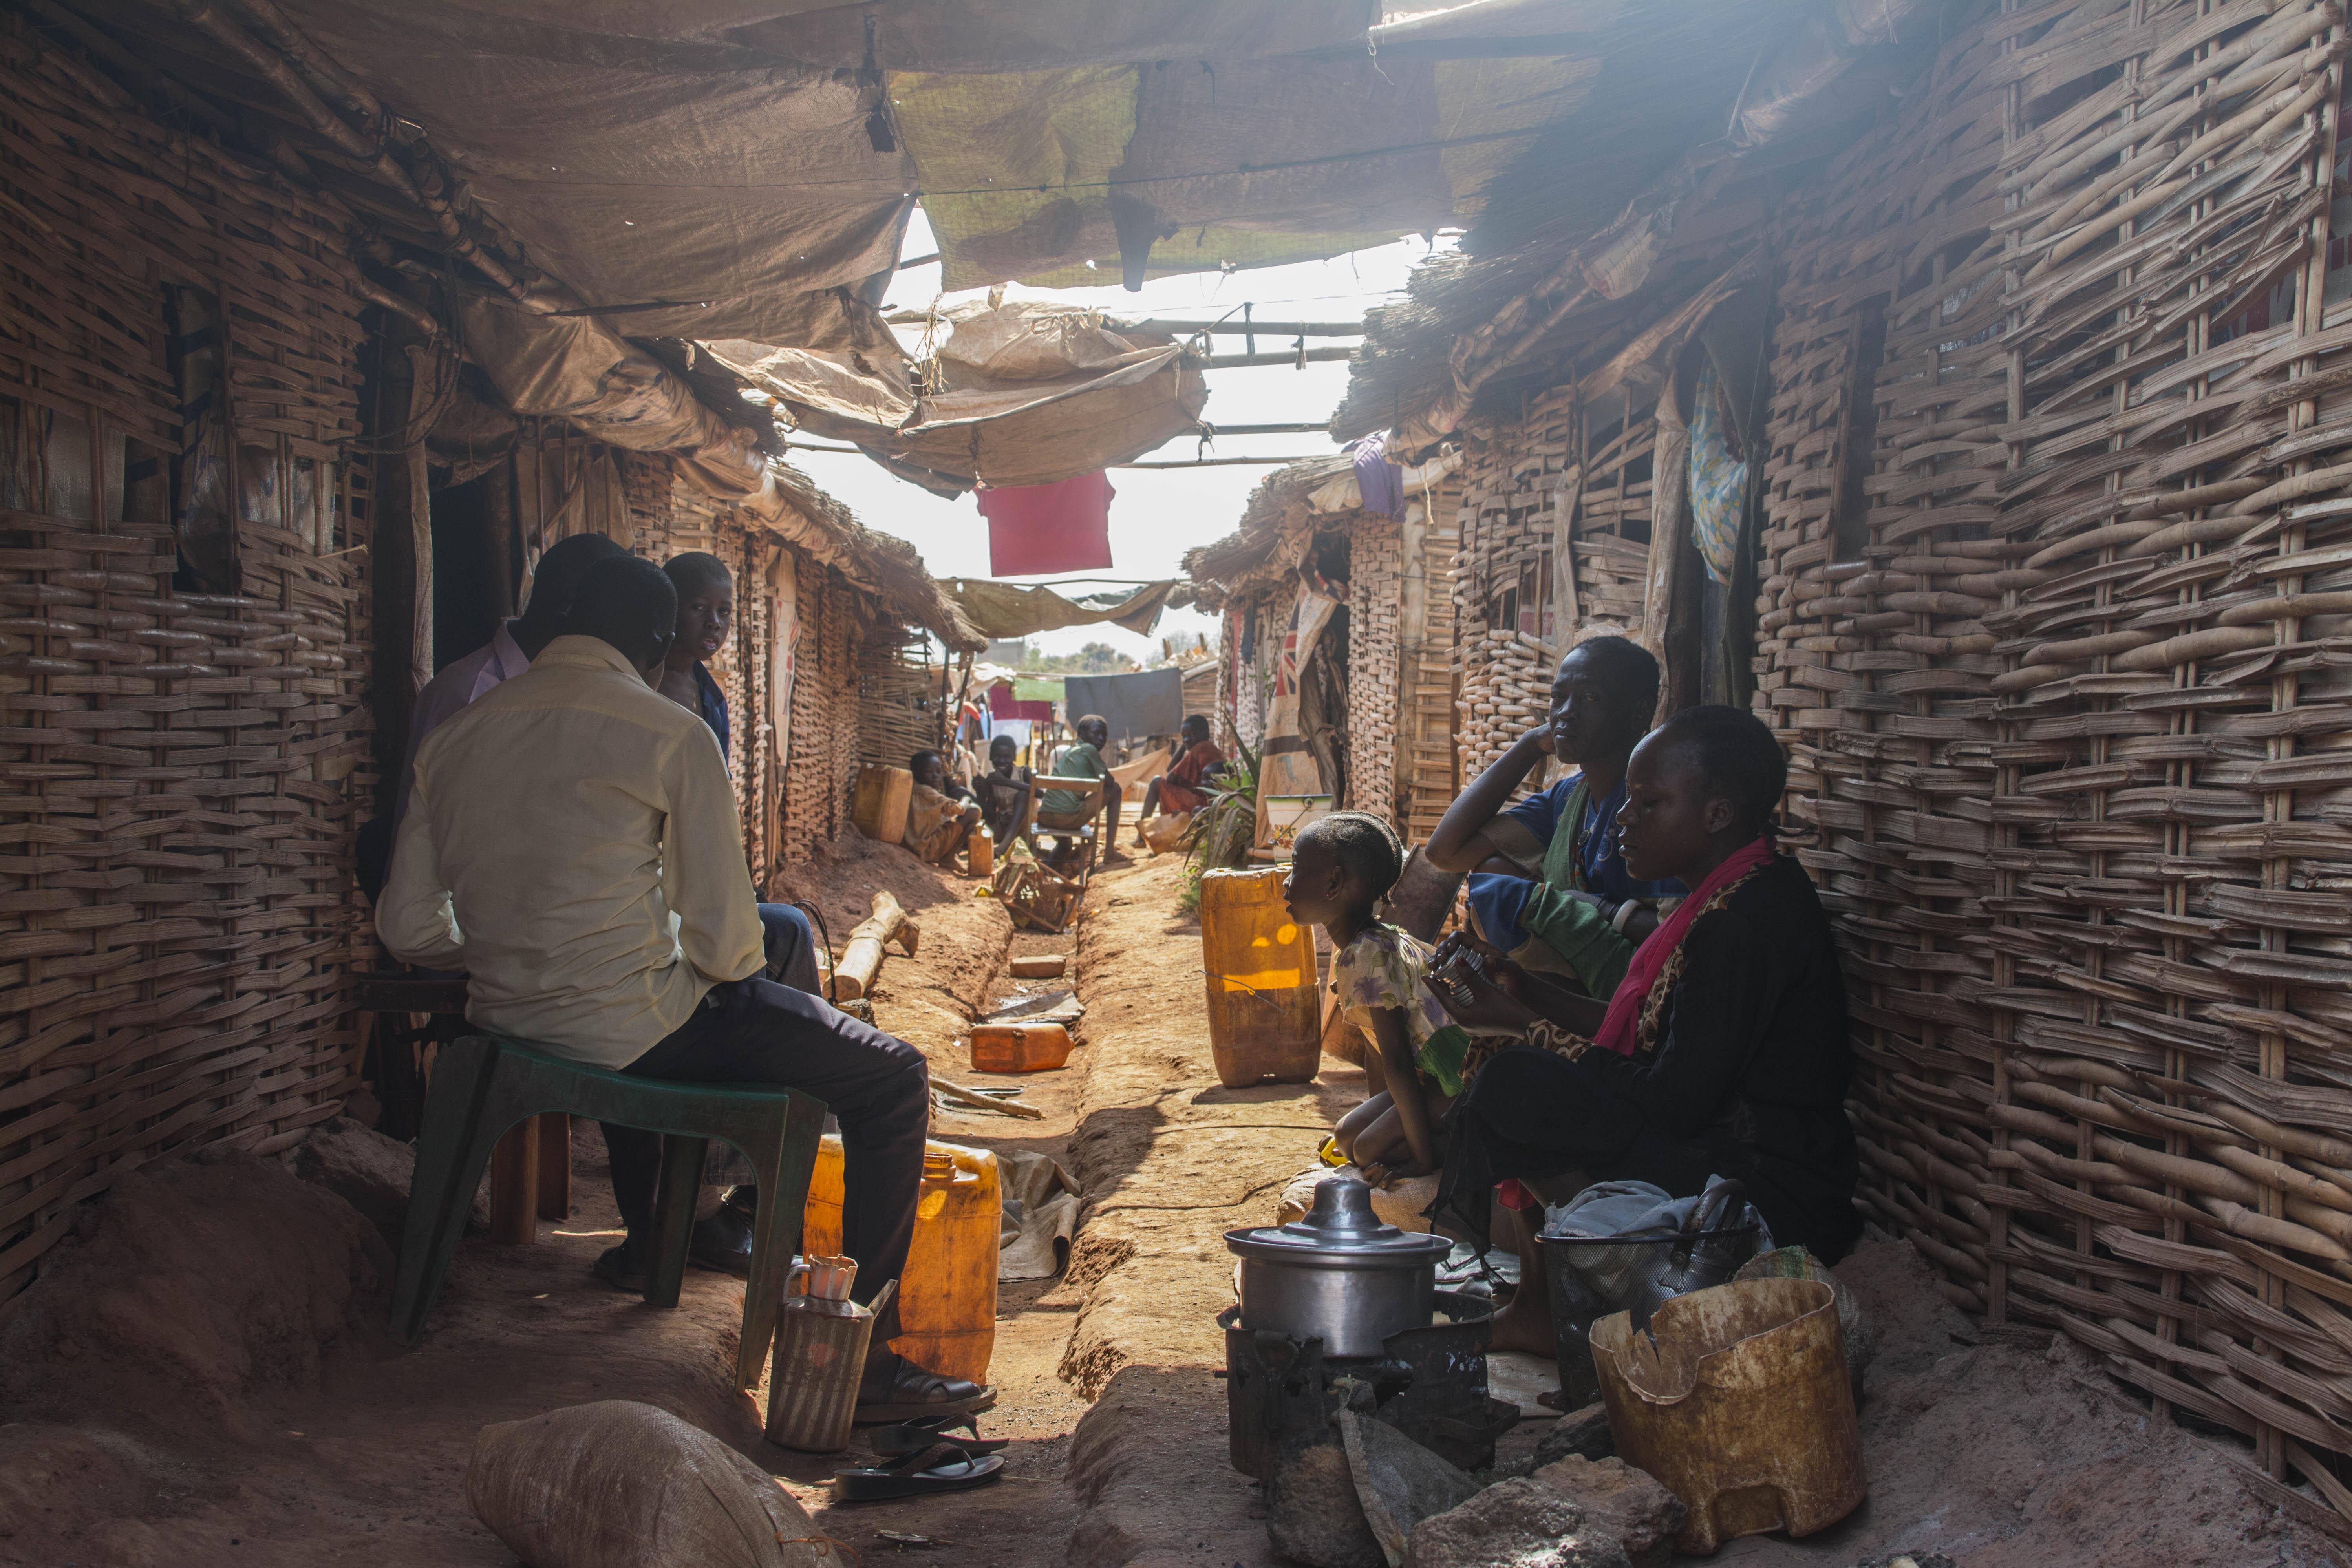 Menschen sitzen vor provisorischen Hütten